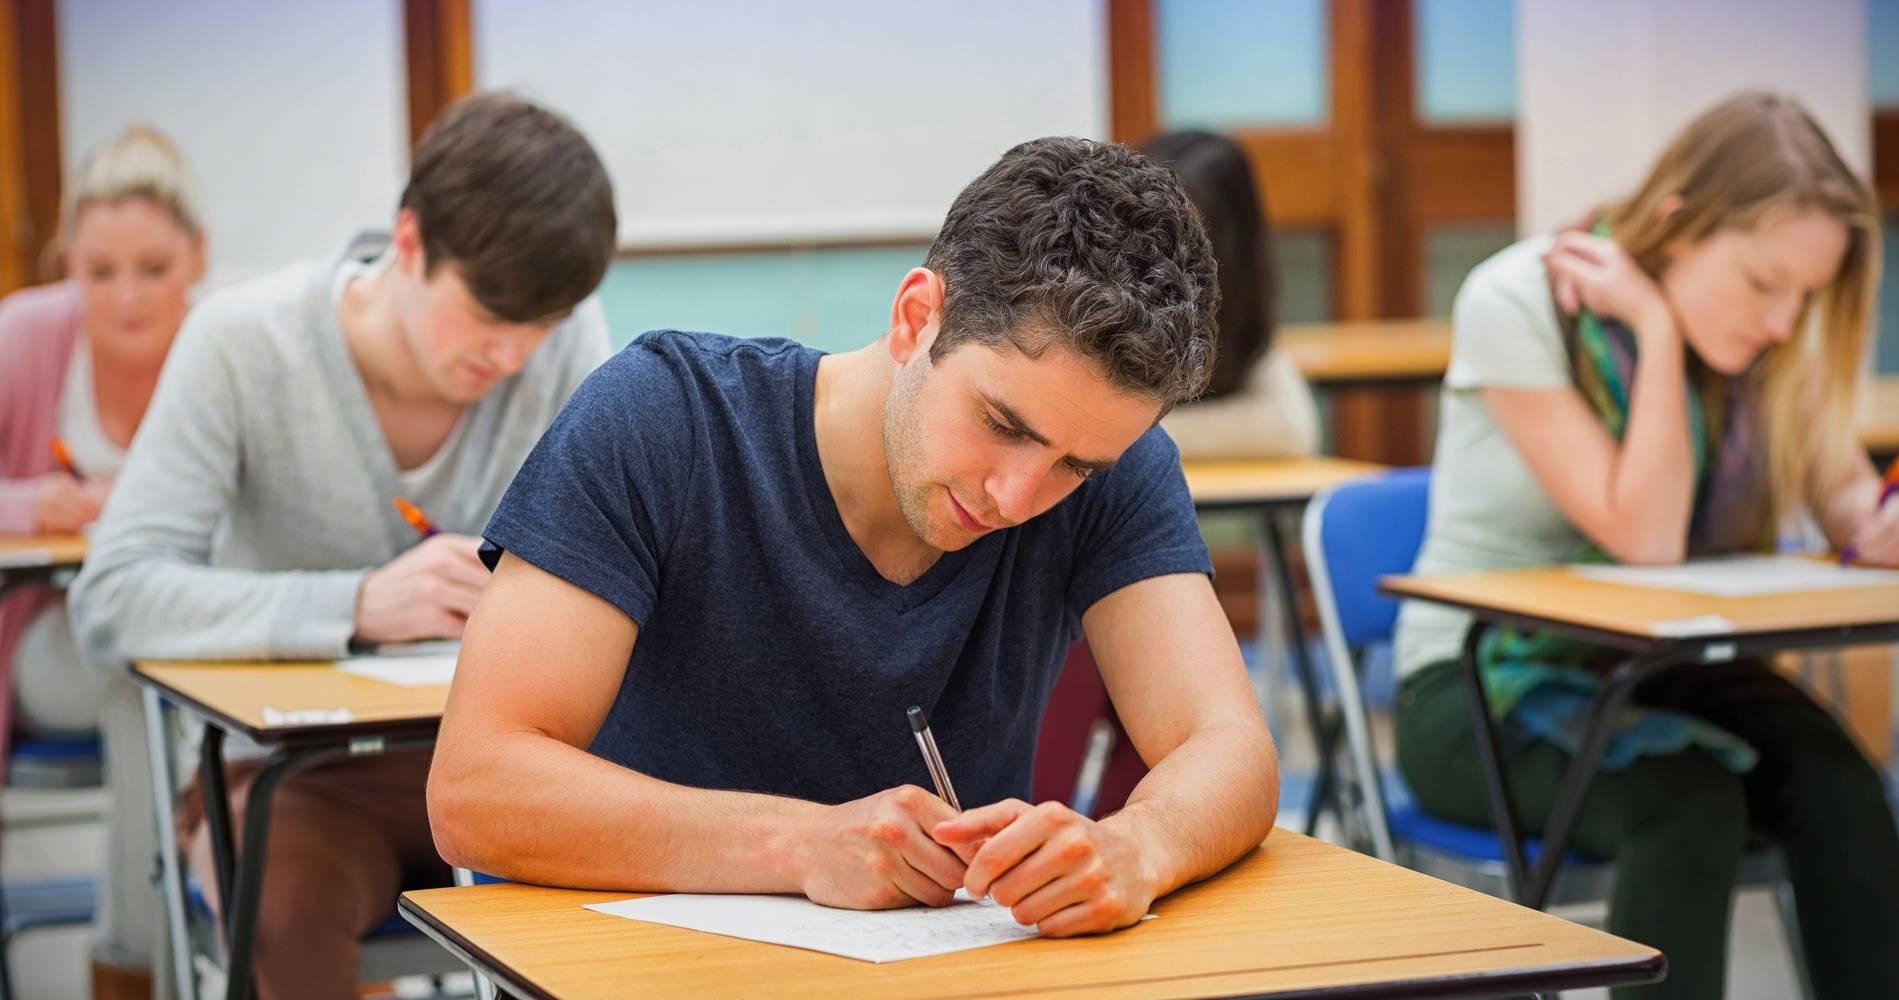 Estudar na véspera só atrapalha